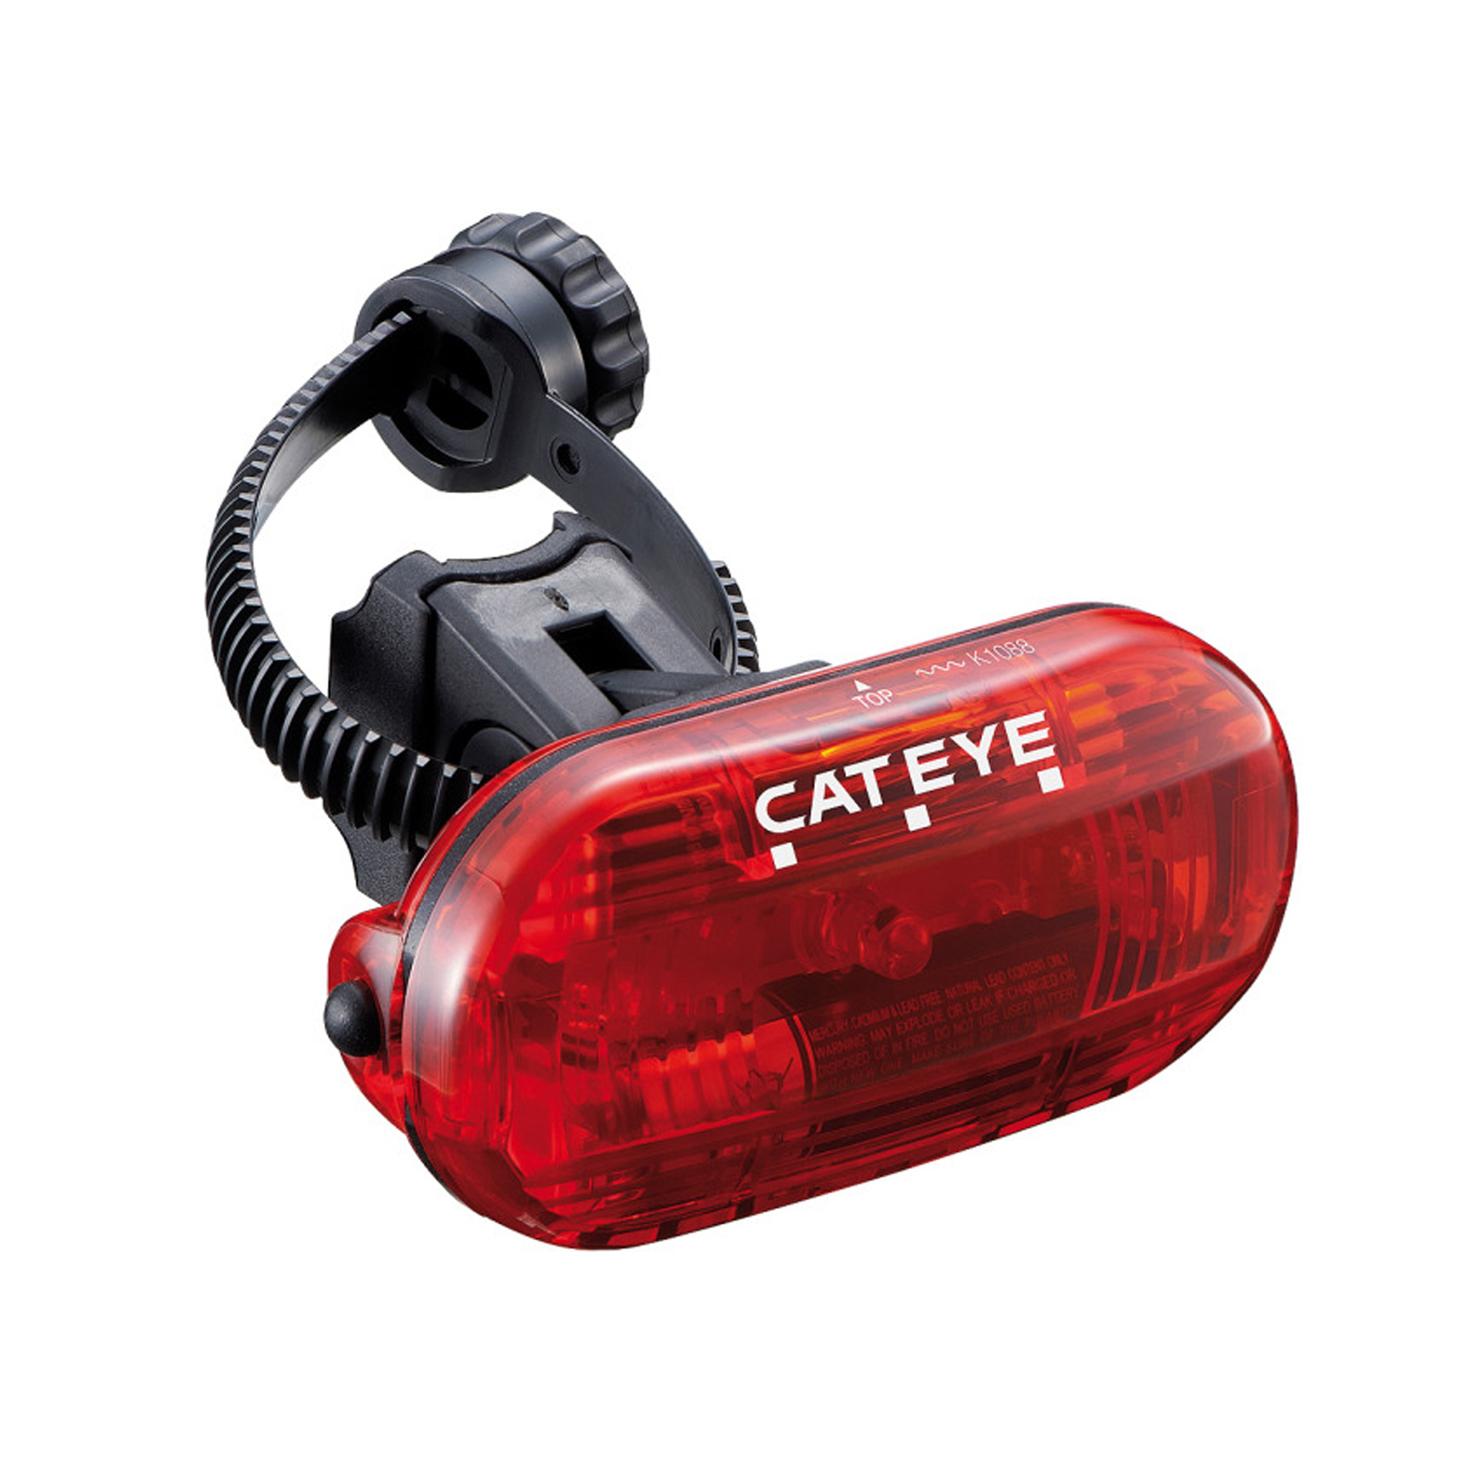 Fahrradrücklicht Cateye Omni 3 G